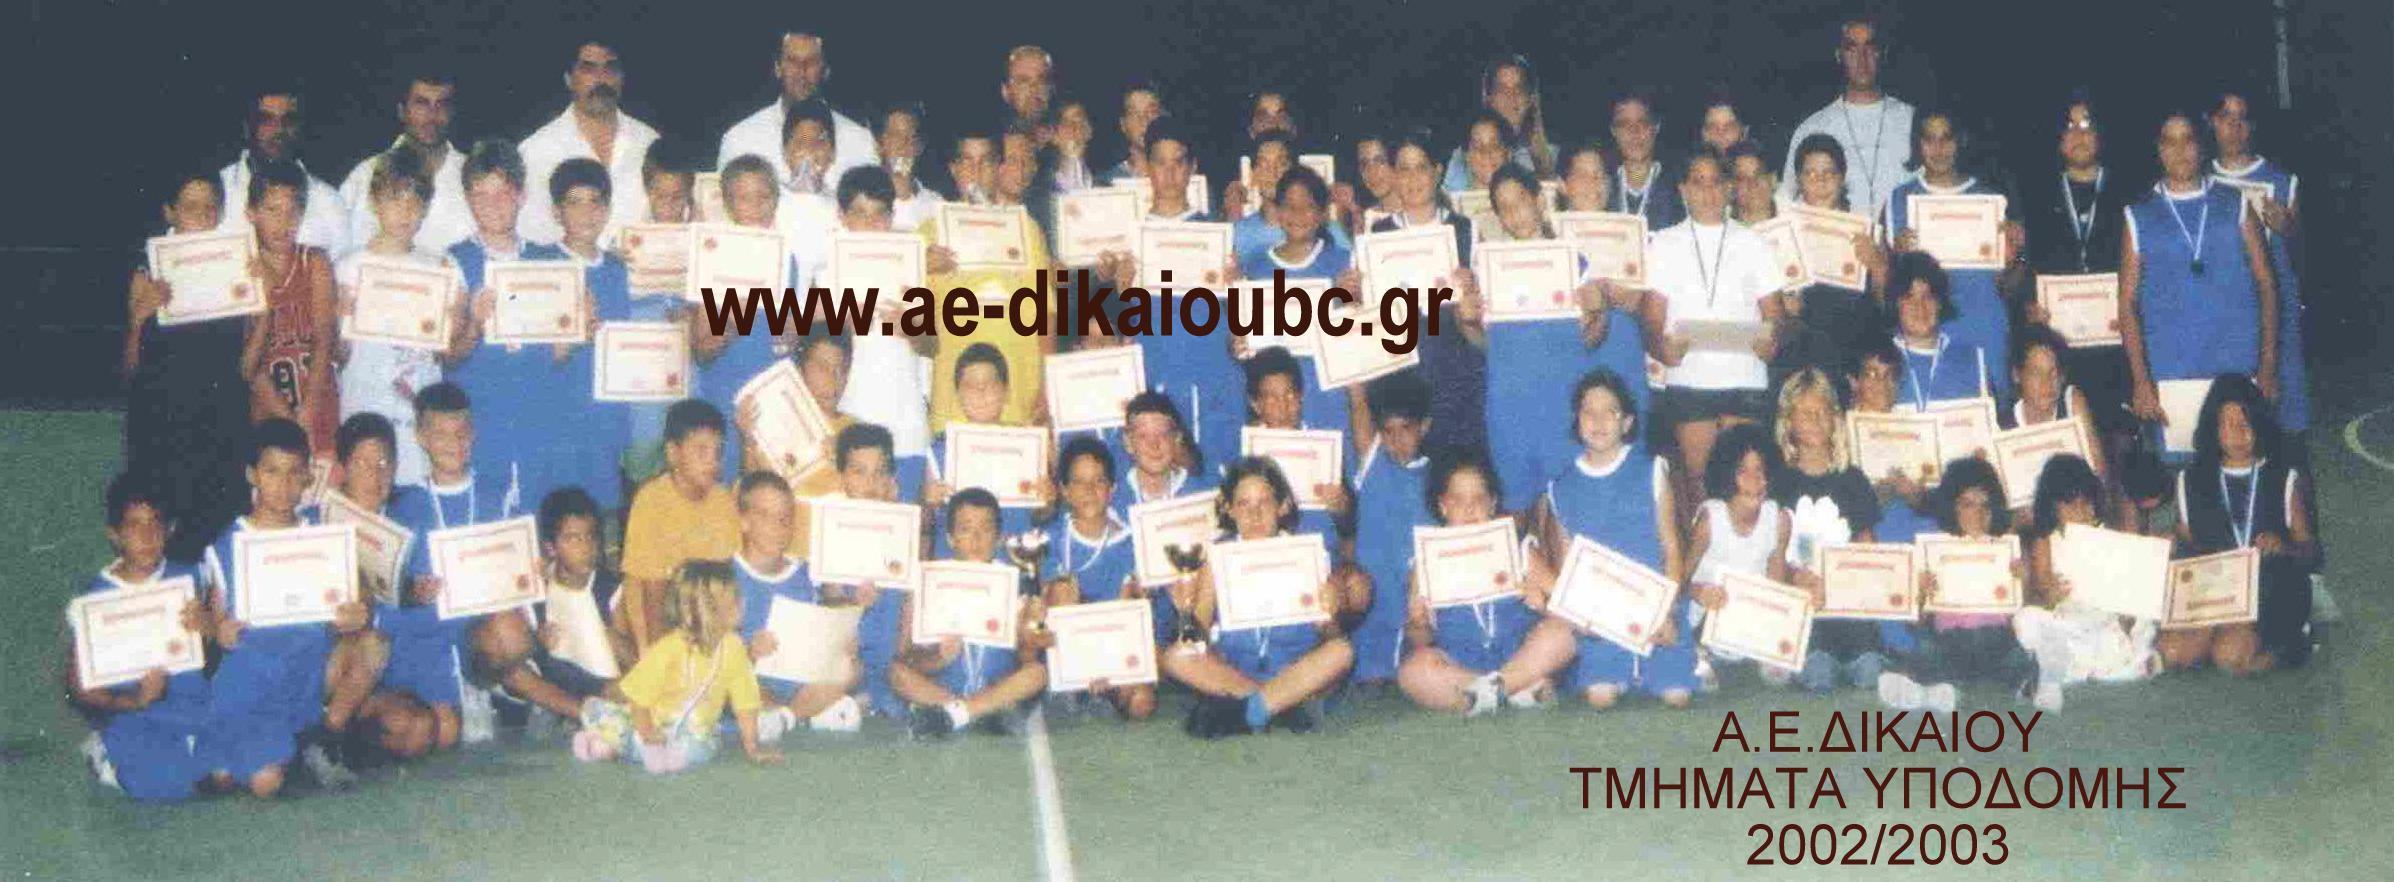 ΥΠΟΔΟΜΕΣ 2002-2003